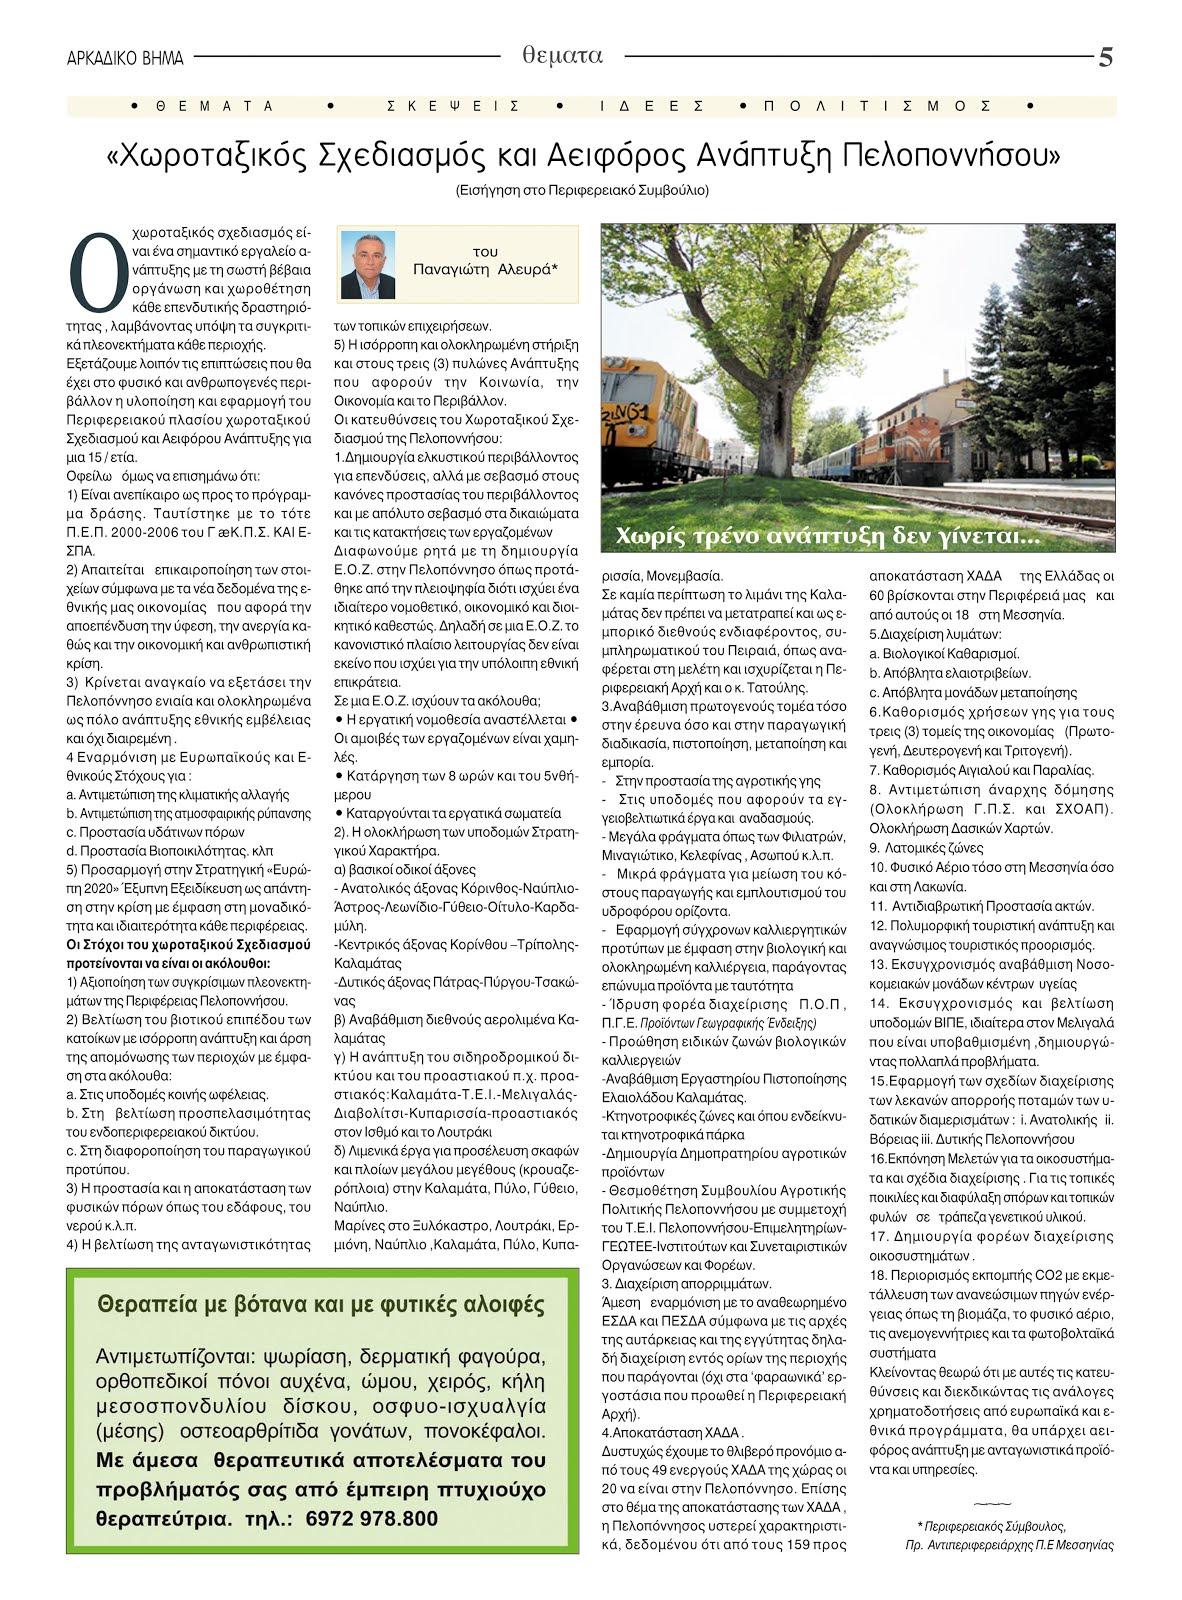 """Παν. Αλευράς: """"Χωροταξικός Σχεδιασμός και Αειφόρος Ανάπτυξη Πελοποννήσου"""